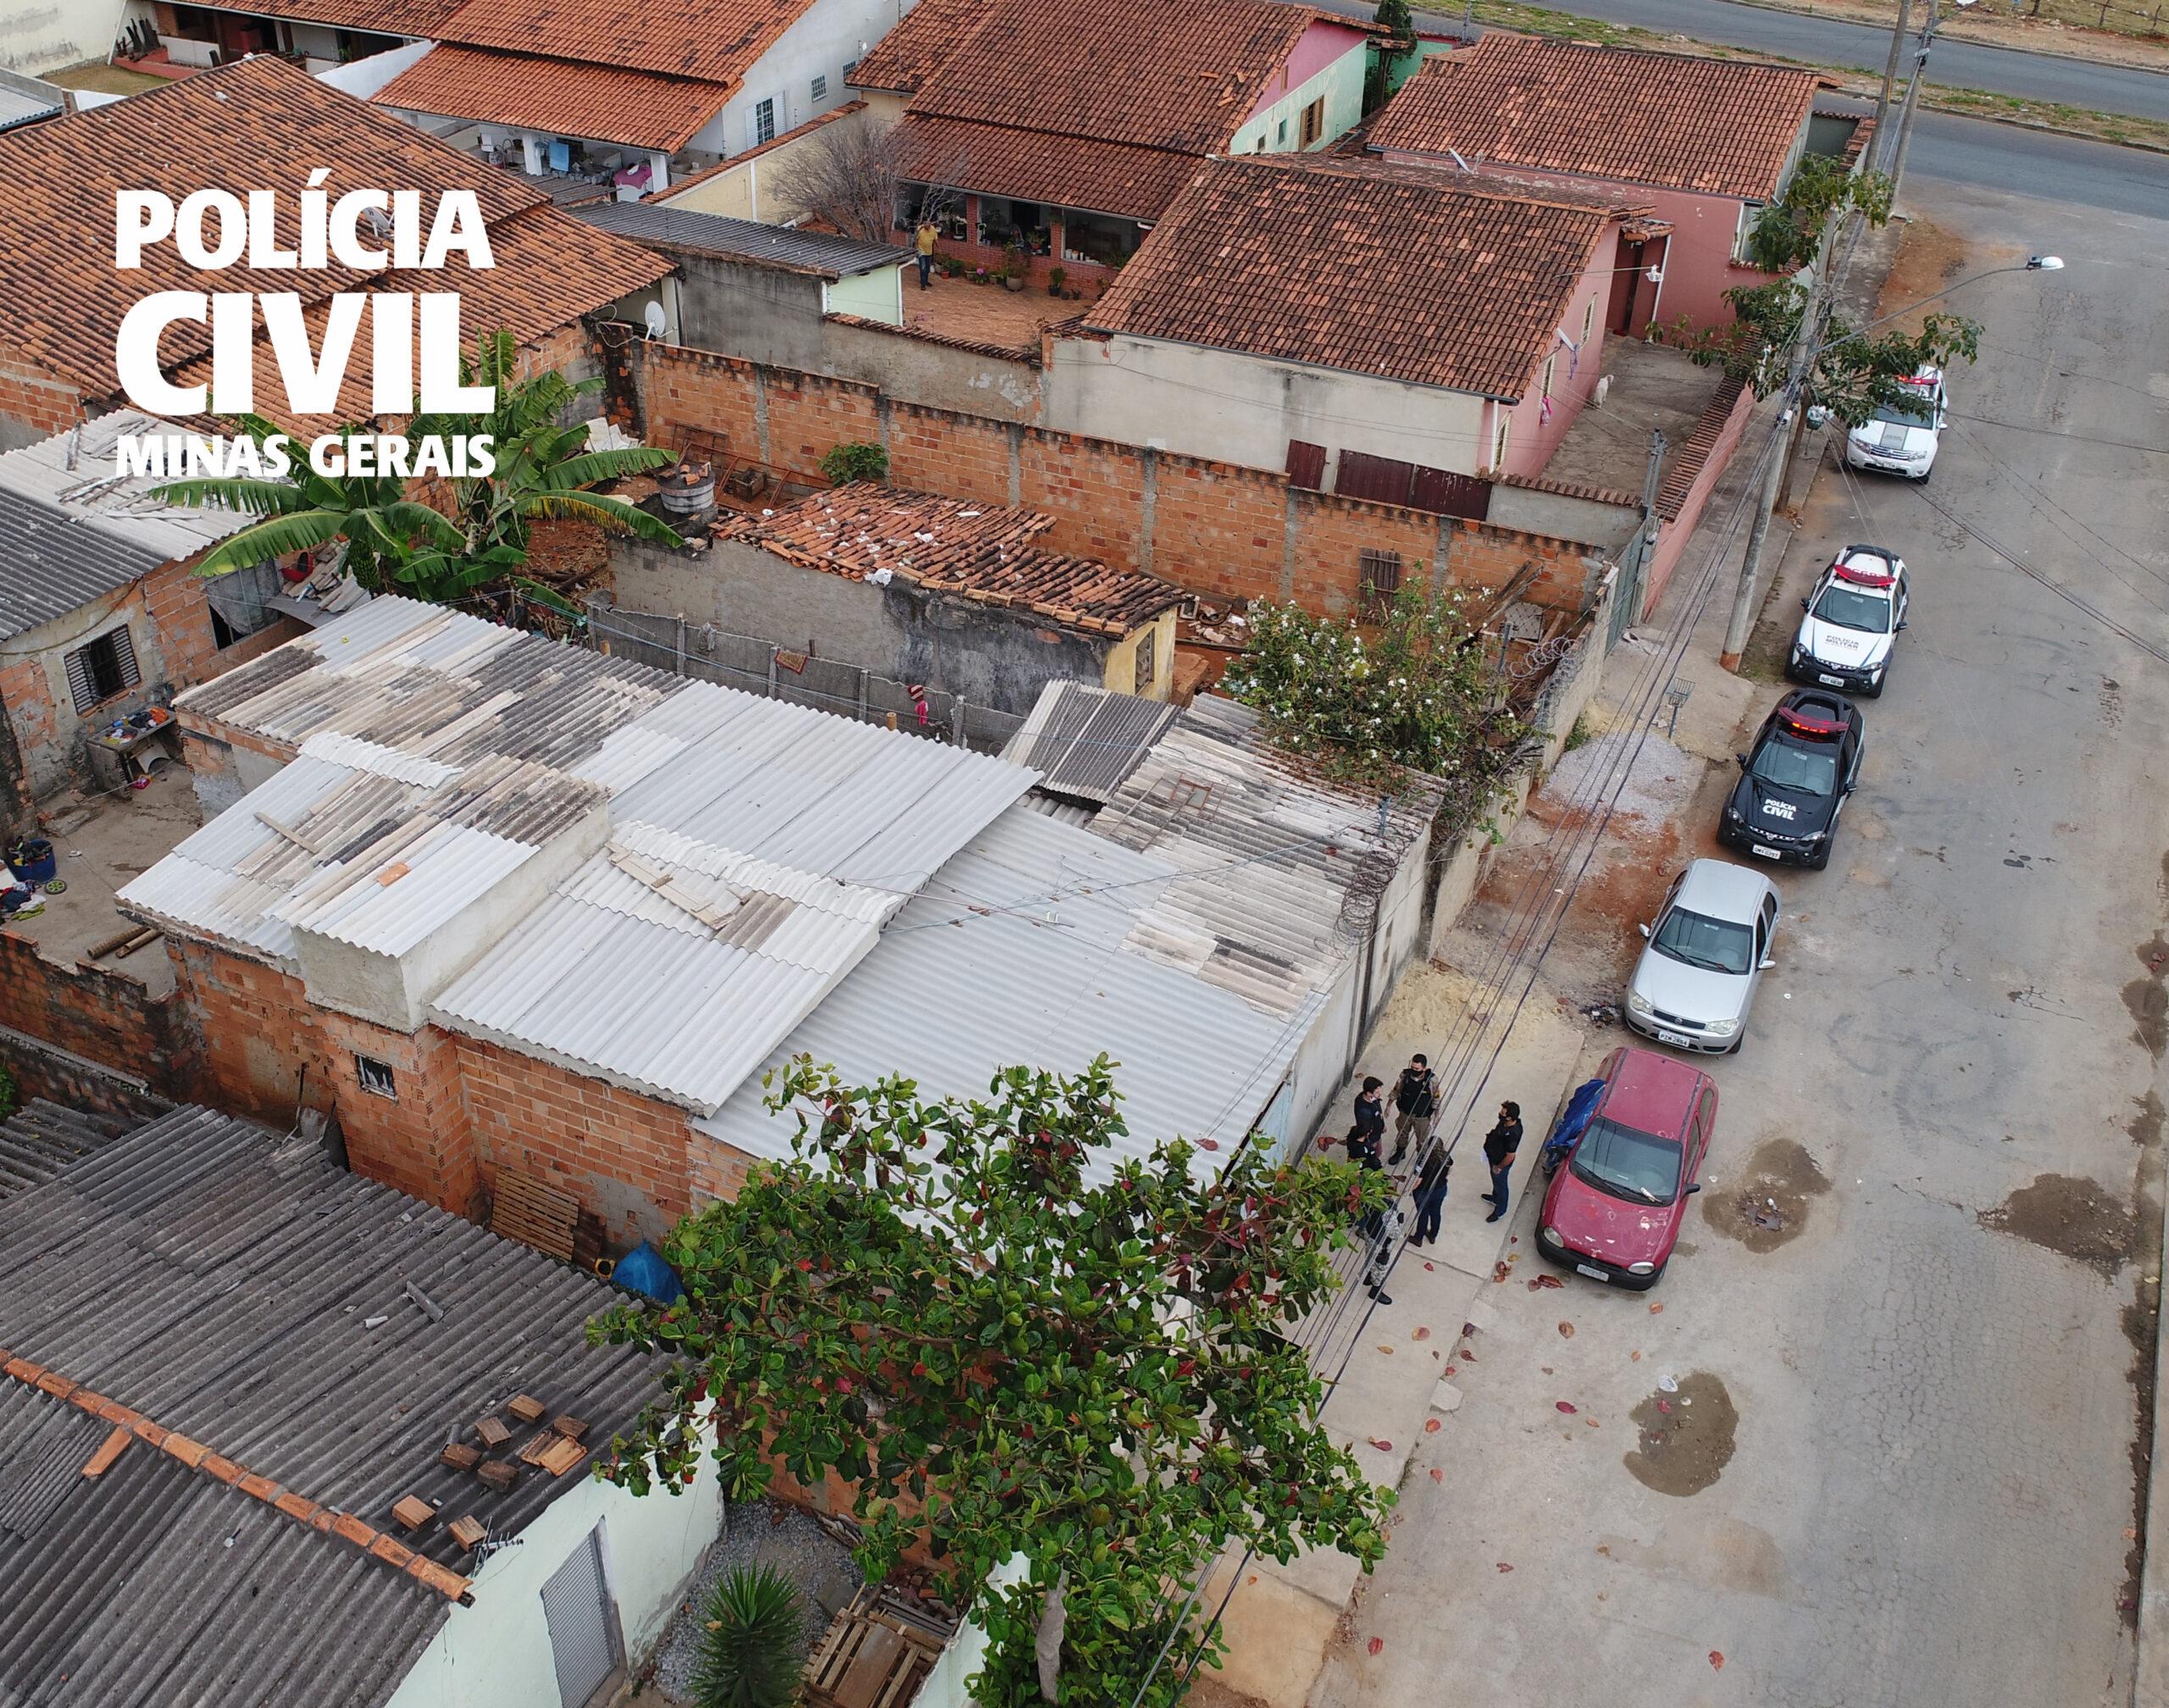 Polícia apreende adolescente em posse de droga em Sete Lagoas - Foto: Divulgação/Polícia Civil